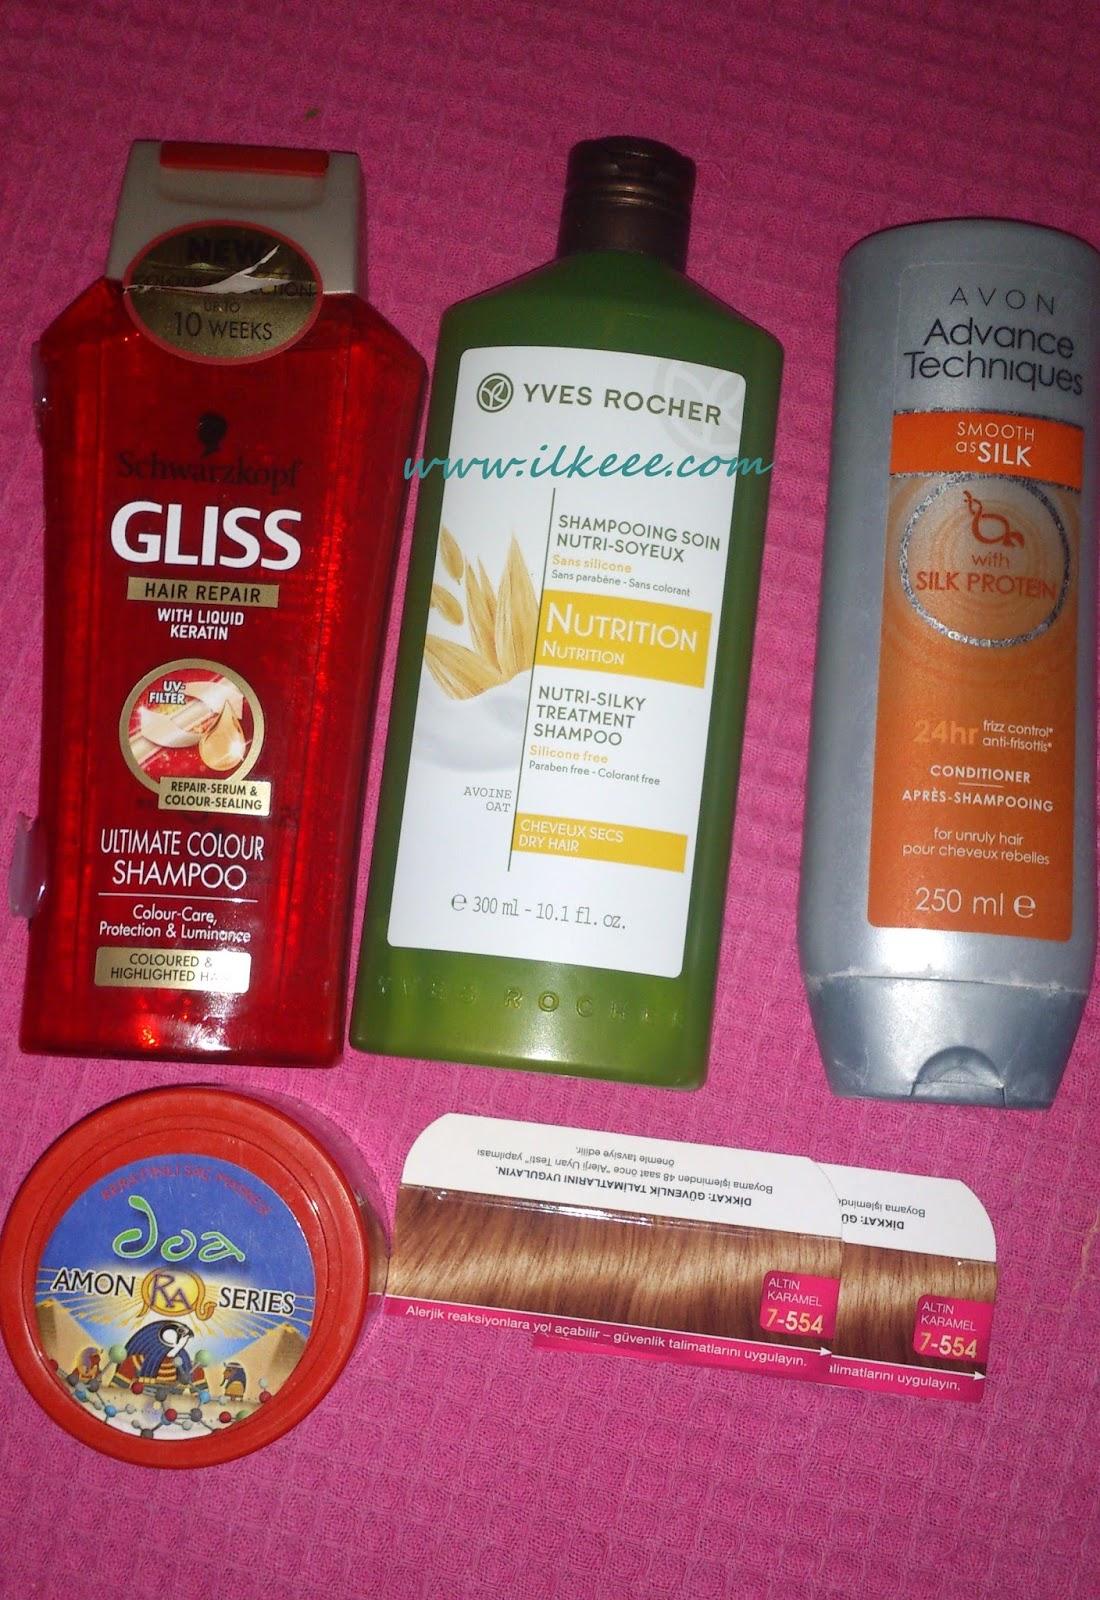 Gliss Boyalı Saçlar Şampuanı - Onarıcı Bakım - Koruyucu Bakım - Yves Rocher şampuan kullananlar - Yves Rocher Besleyici Şampuan - Doa Keratin Maskesi - Keratin maskesi kullananlar - Palette Saç boyası - Palette 7-554 boya